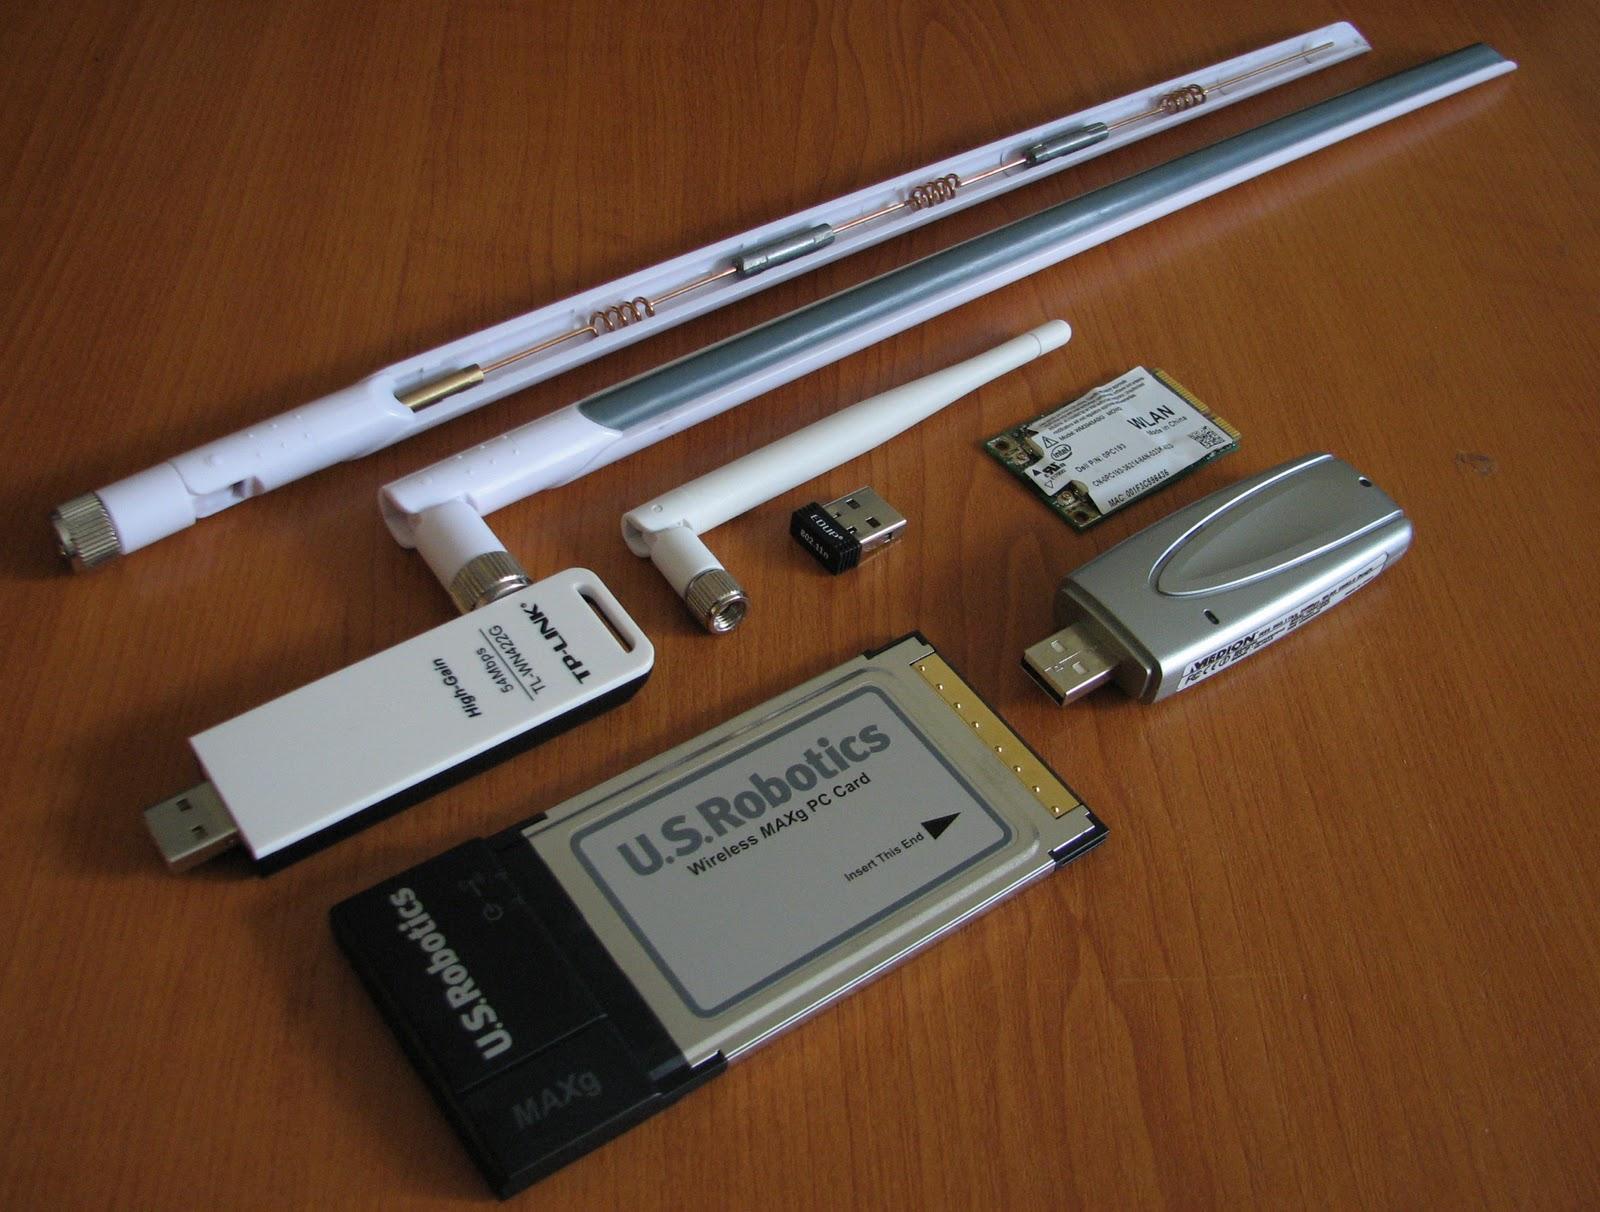 Тест на Wireless устройства - обхват и антени | Retro-PC ...: http://www.retropcmania.com/2011/01/wireless-device-test.html